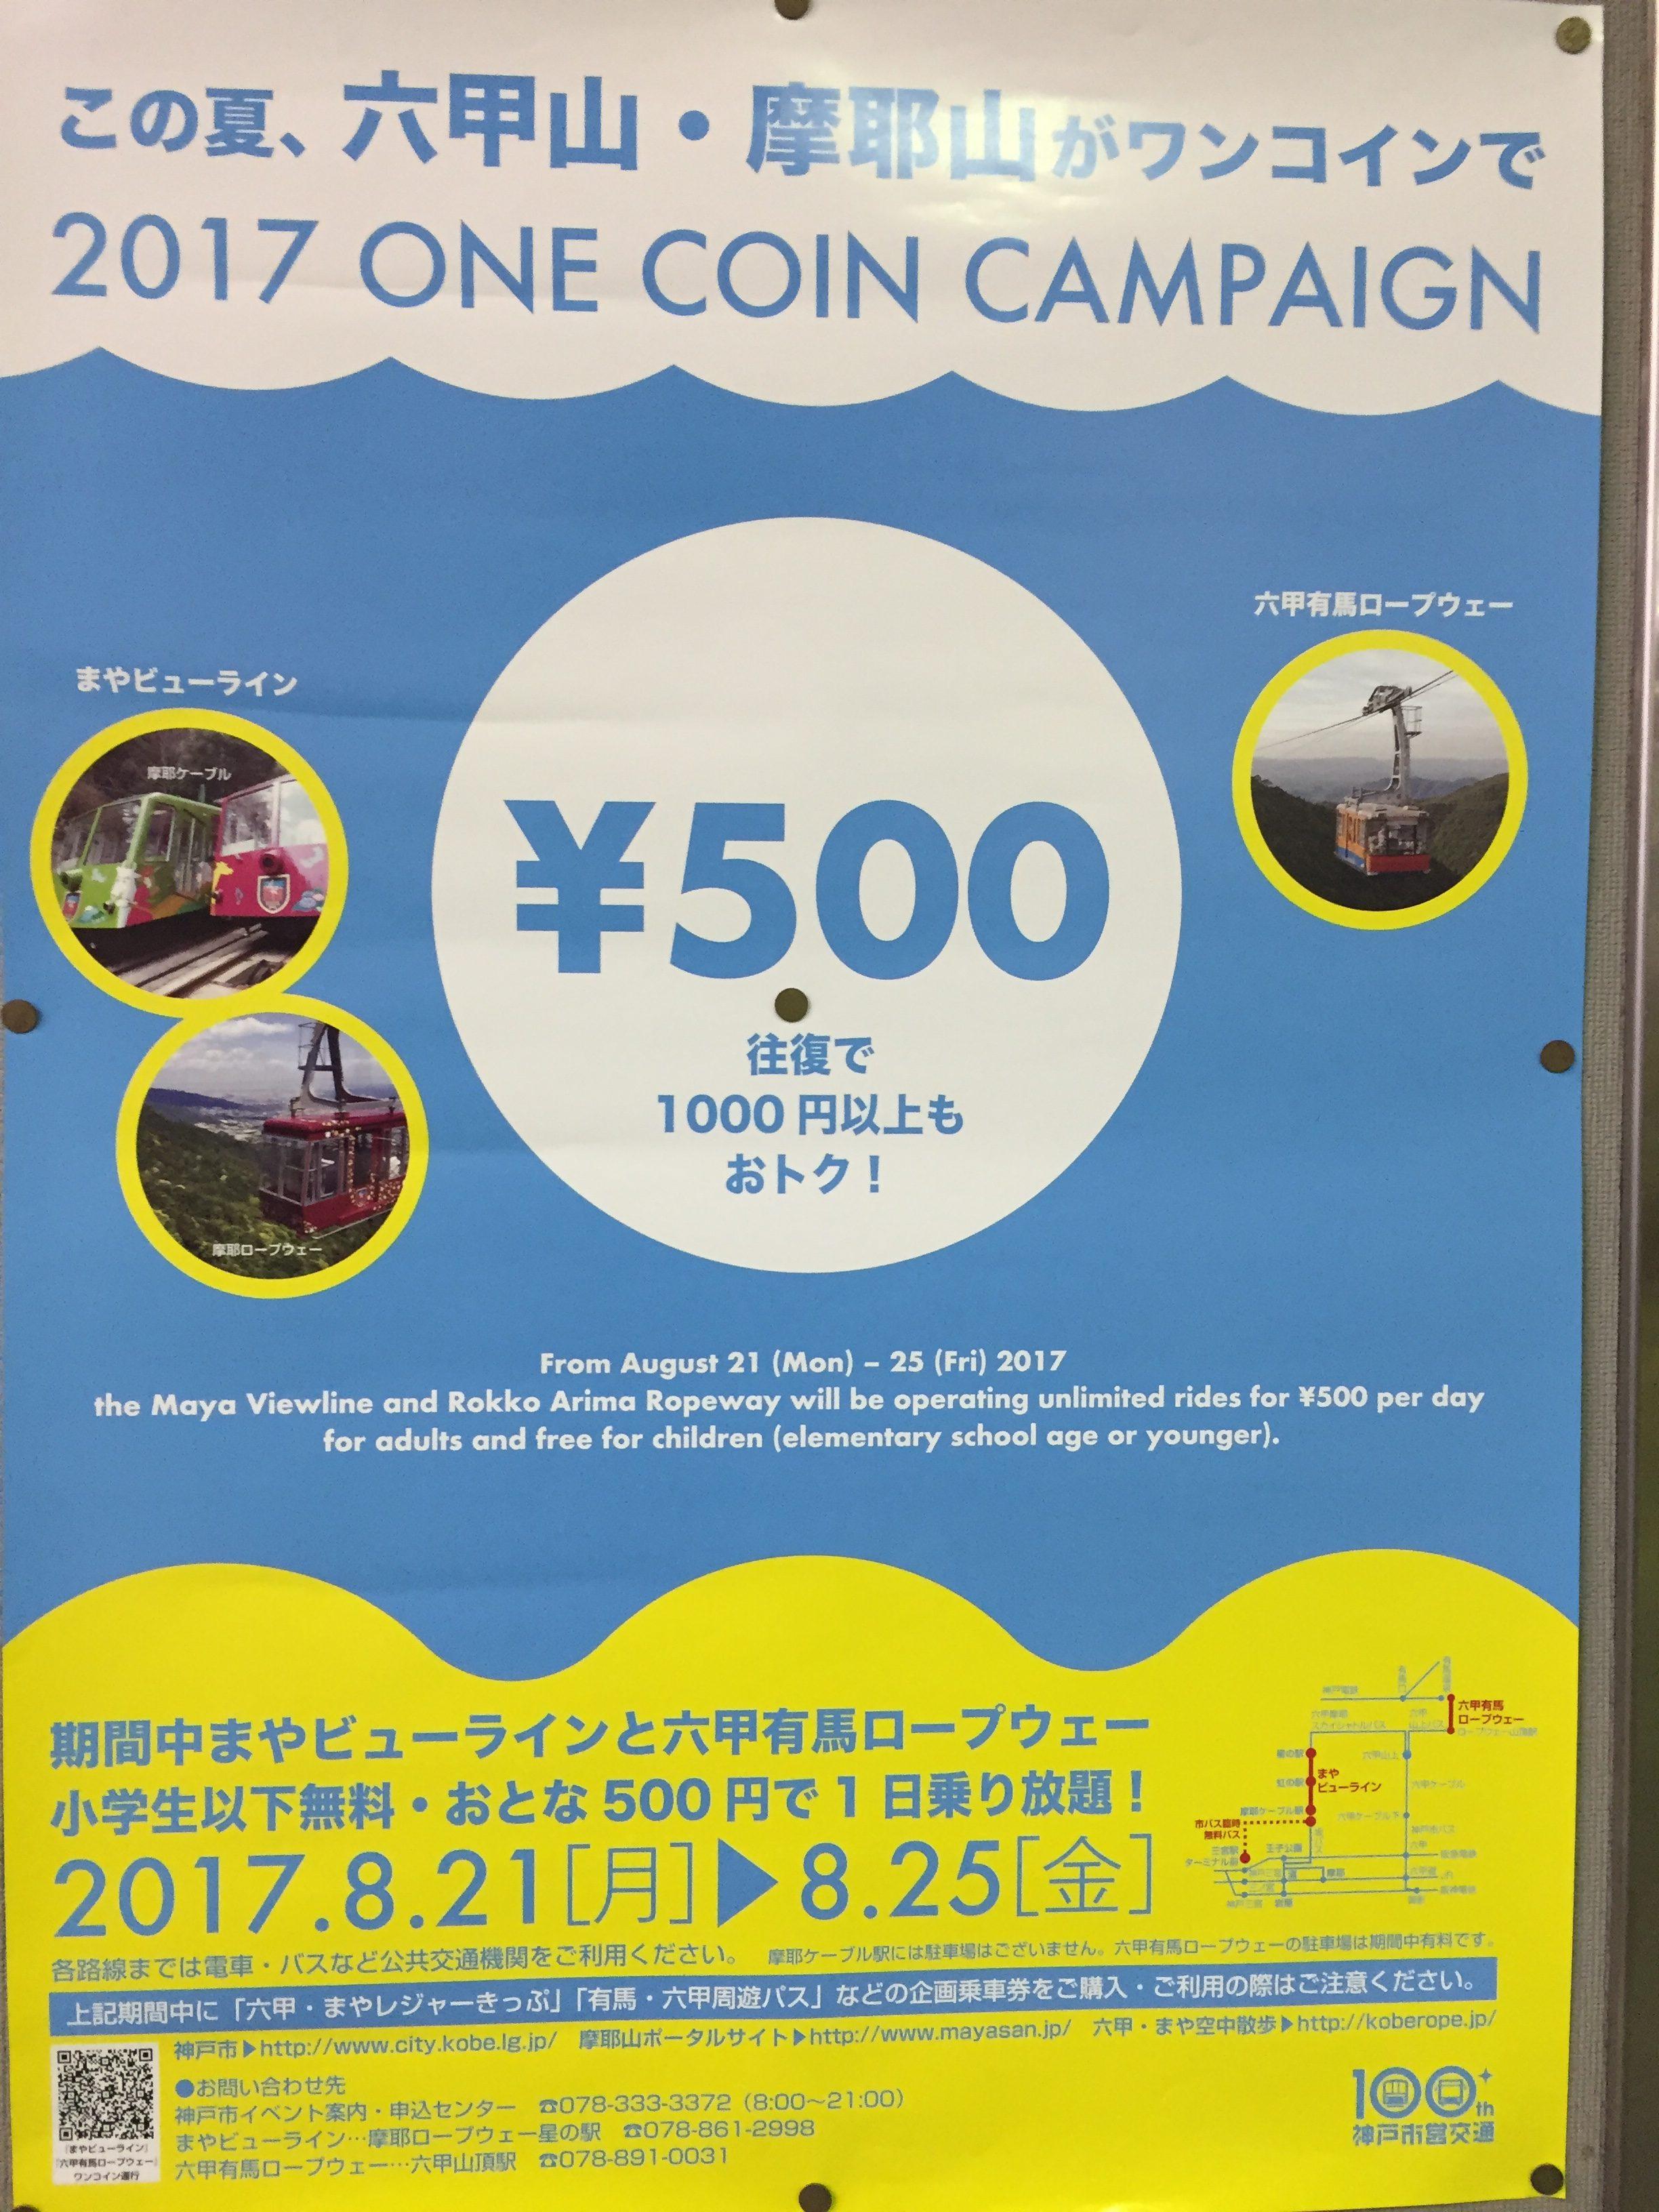 8月21日~8月25日は六甲山・摩耶山ワンコインで1日乗り放題!市バス臨時無料バスも運行されるよ #六甲山 #摩耶山